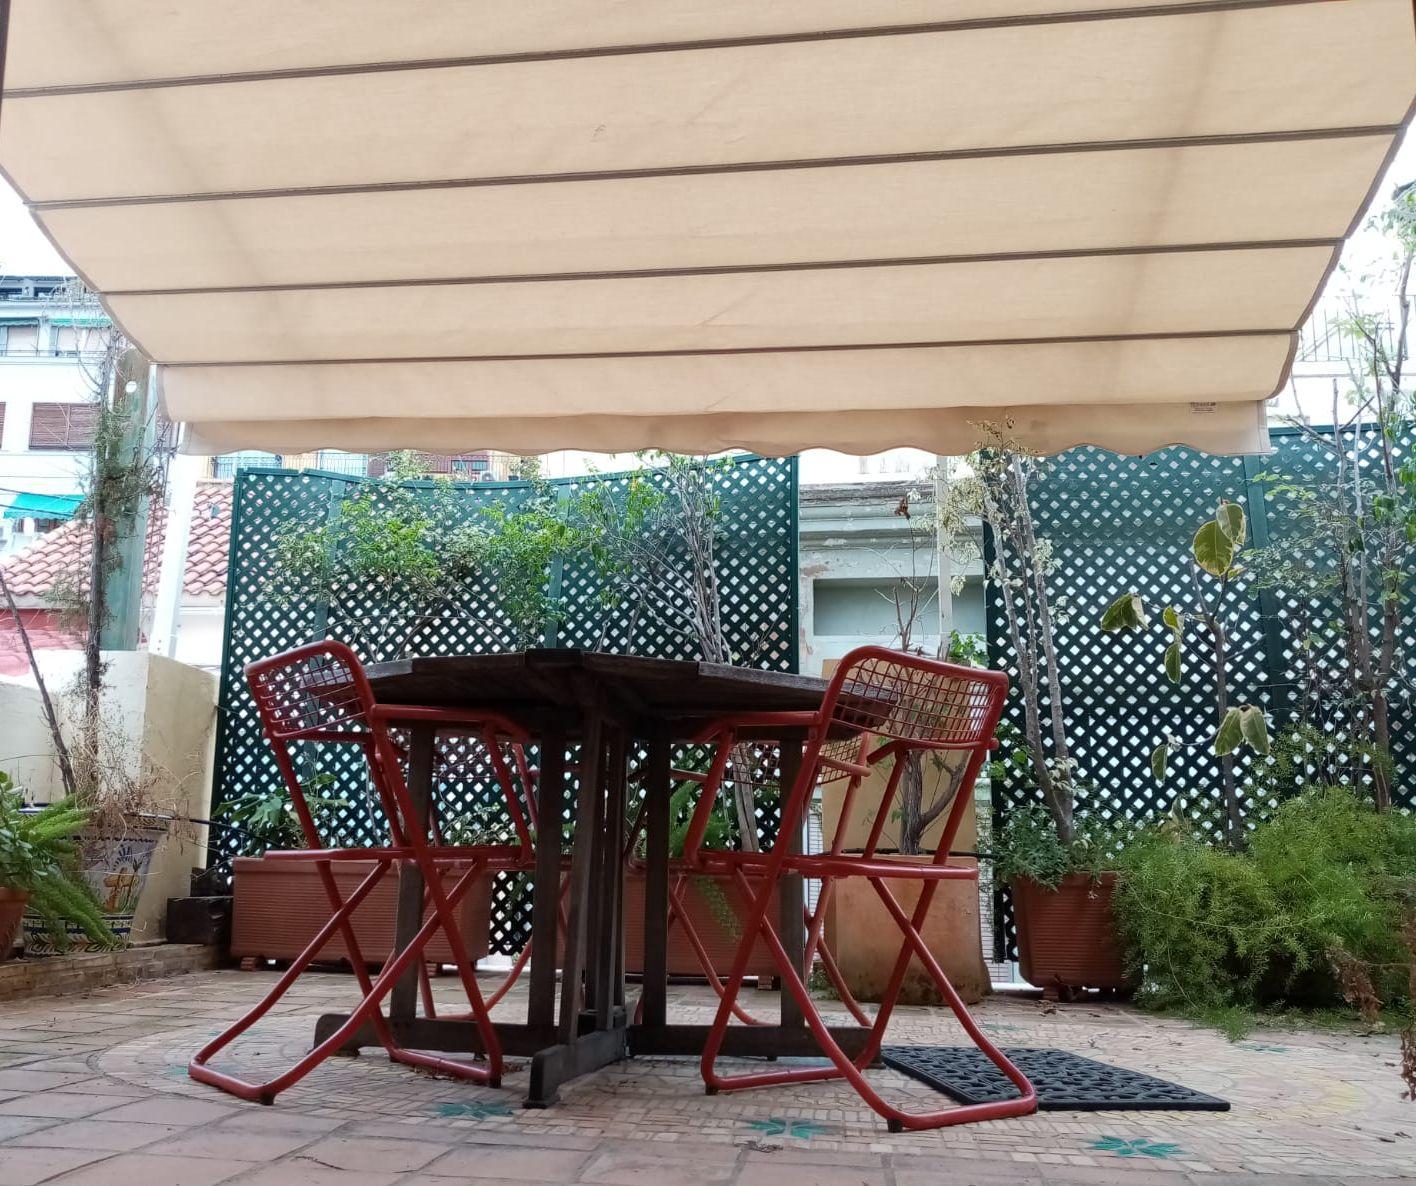 Trabajo de instalación de toldo para terraza en El Carmen